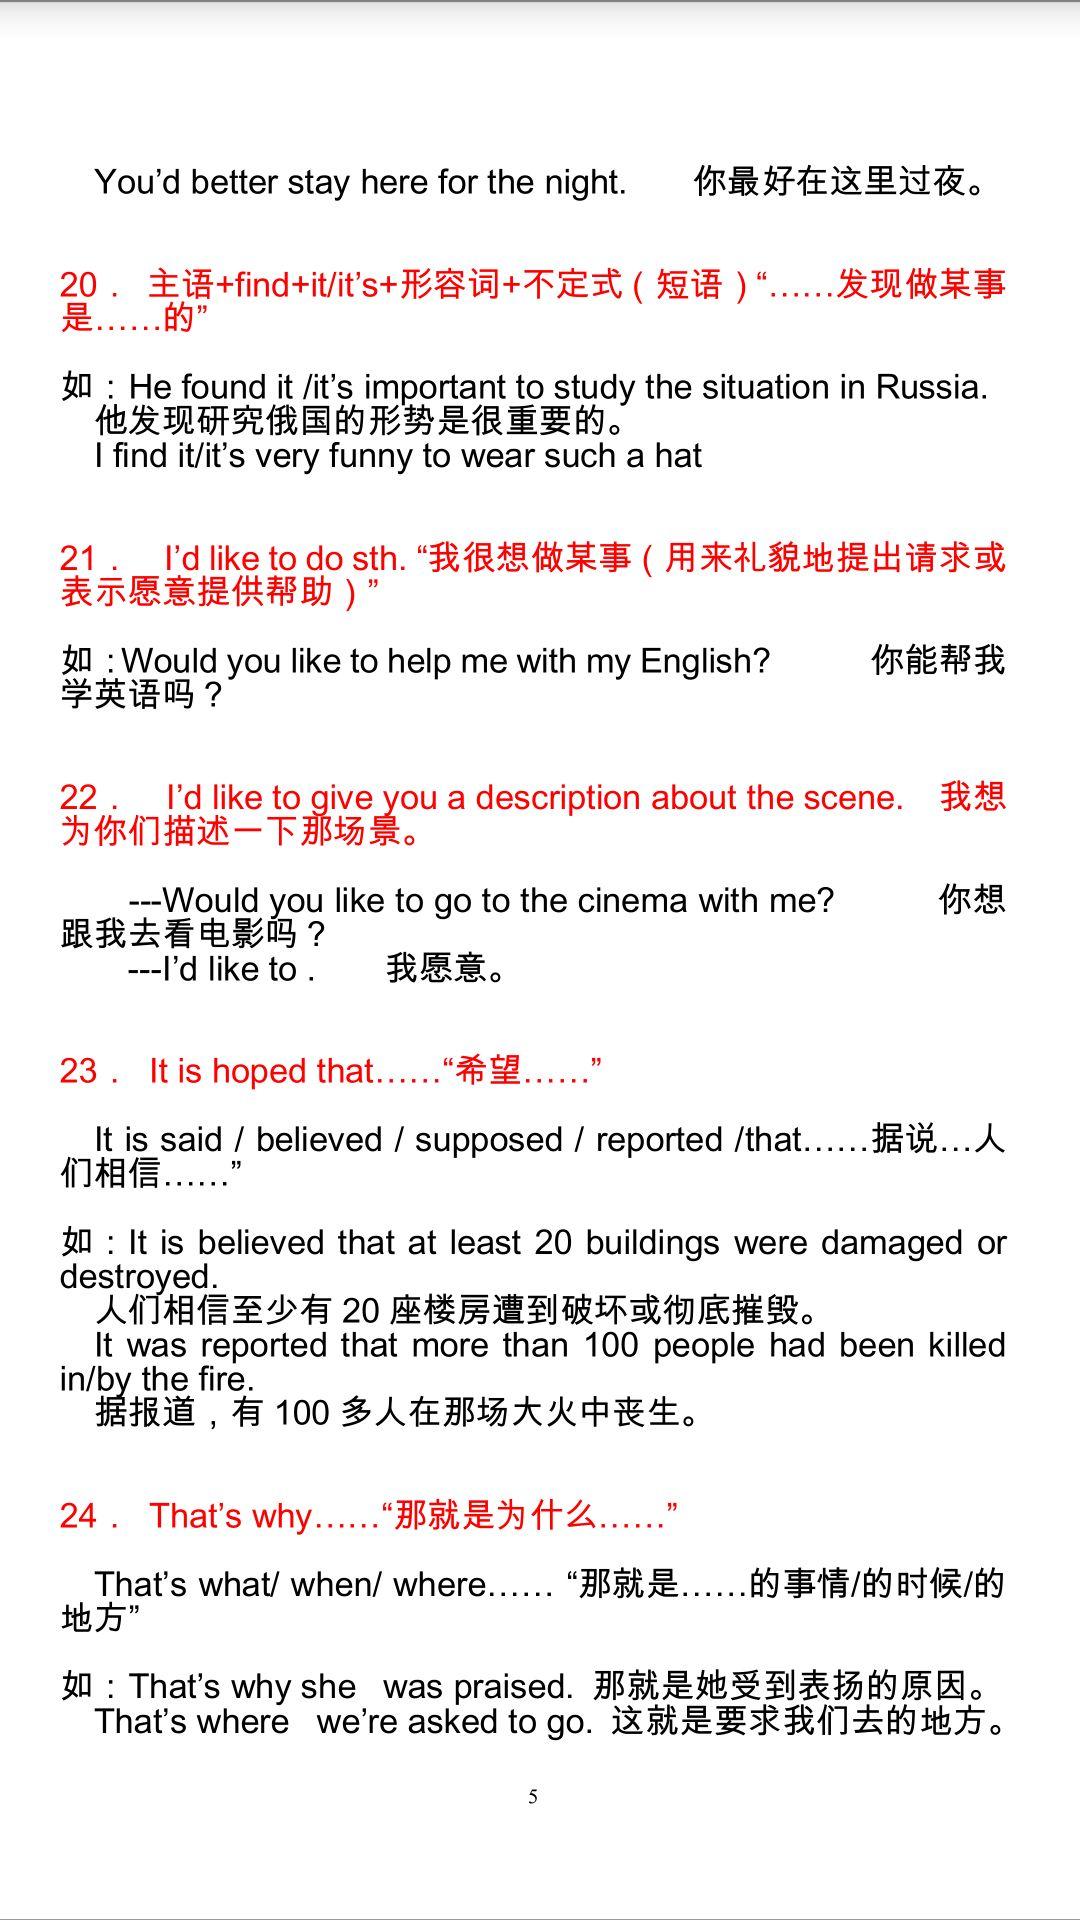 高中英语知识点归纳:高中英语重点作文句型高中英语常用的常考图片